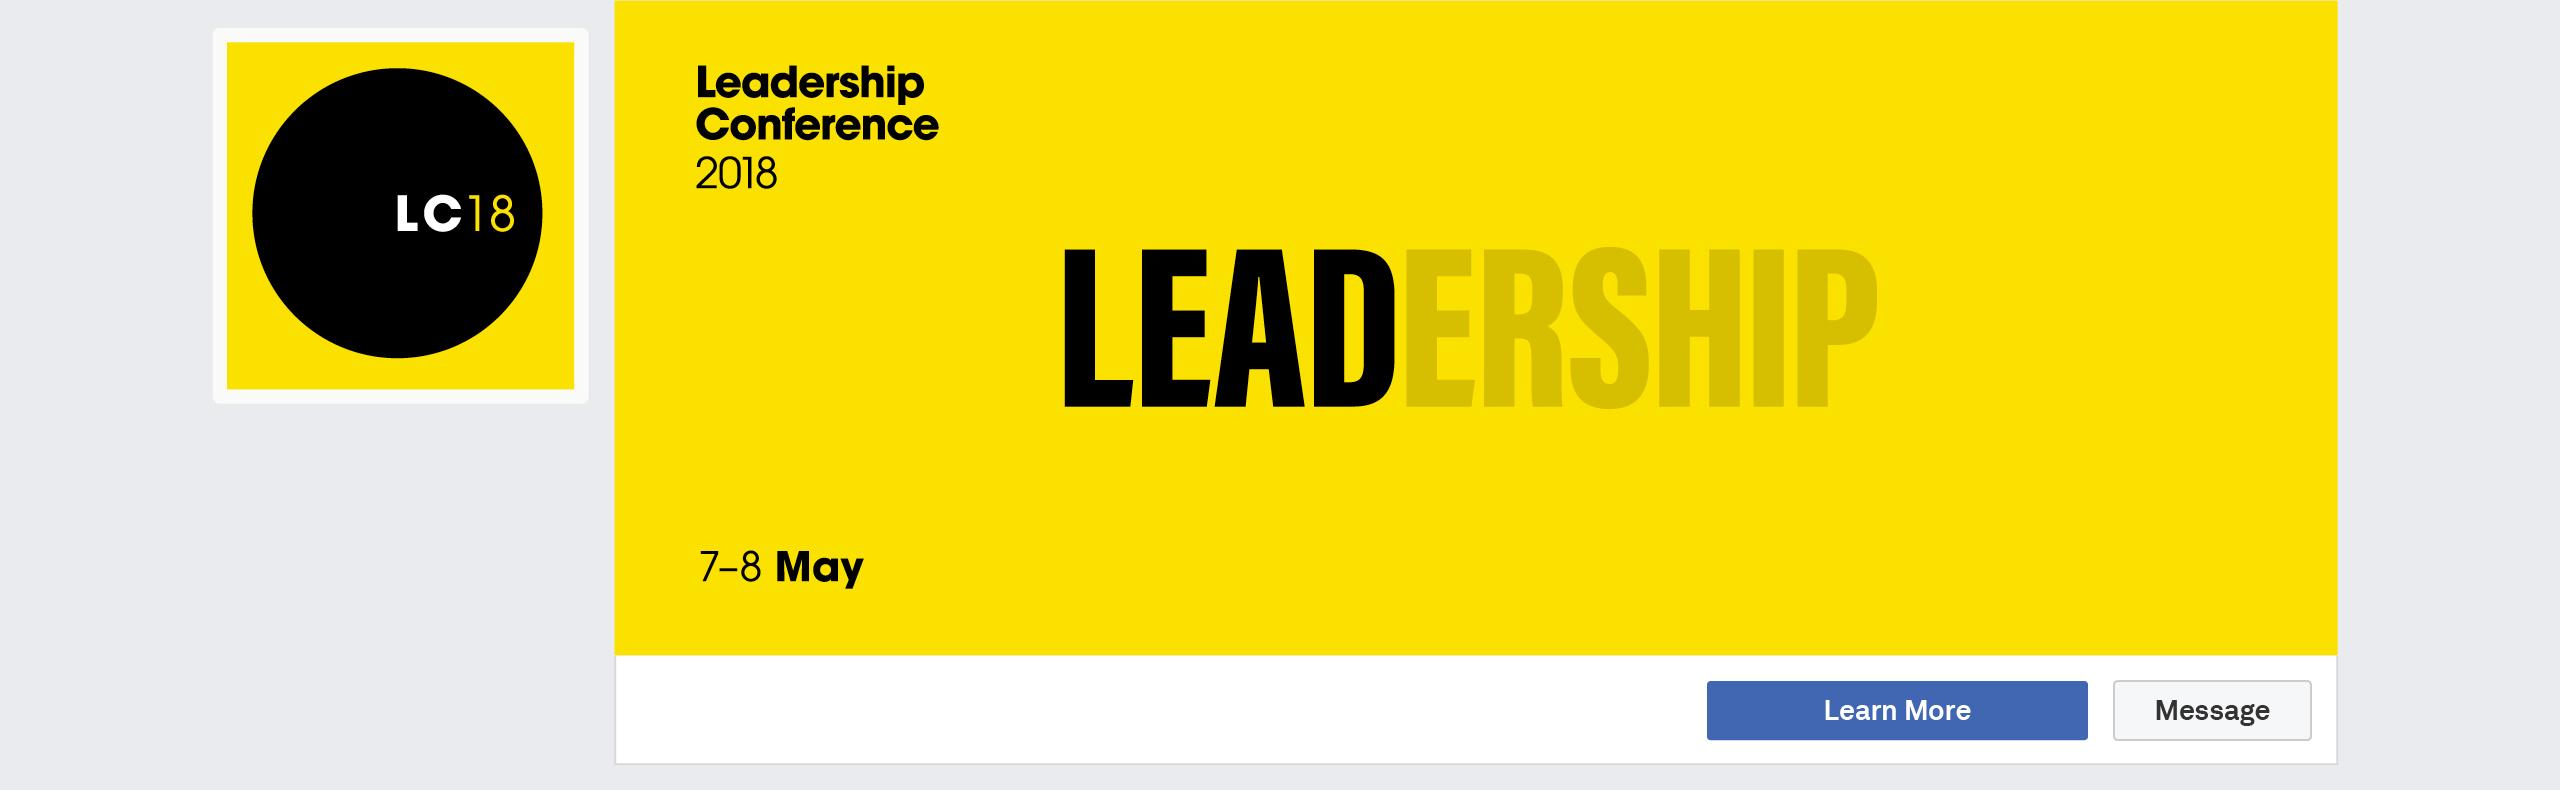 Wrightio_Leadership Conference 2018_Facebook_2